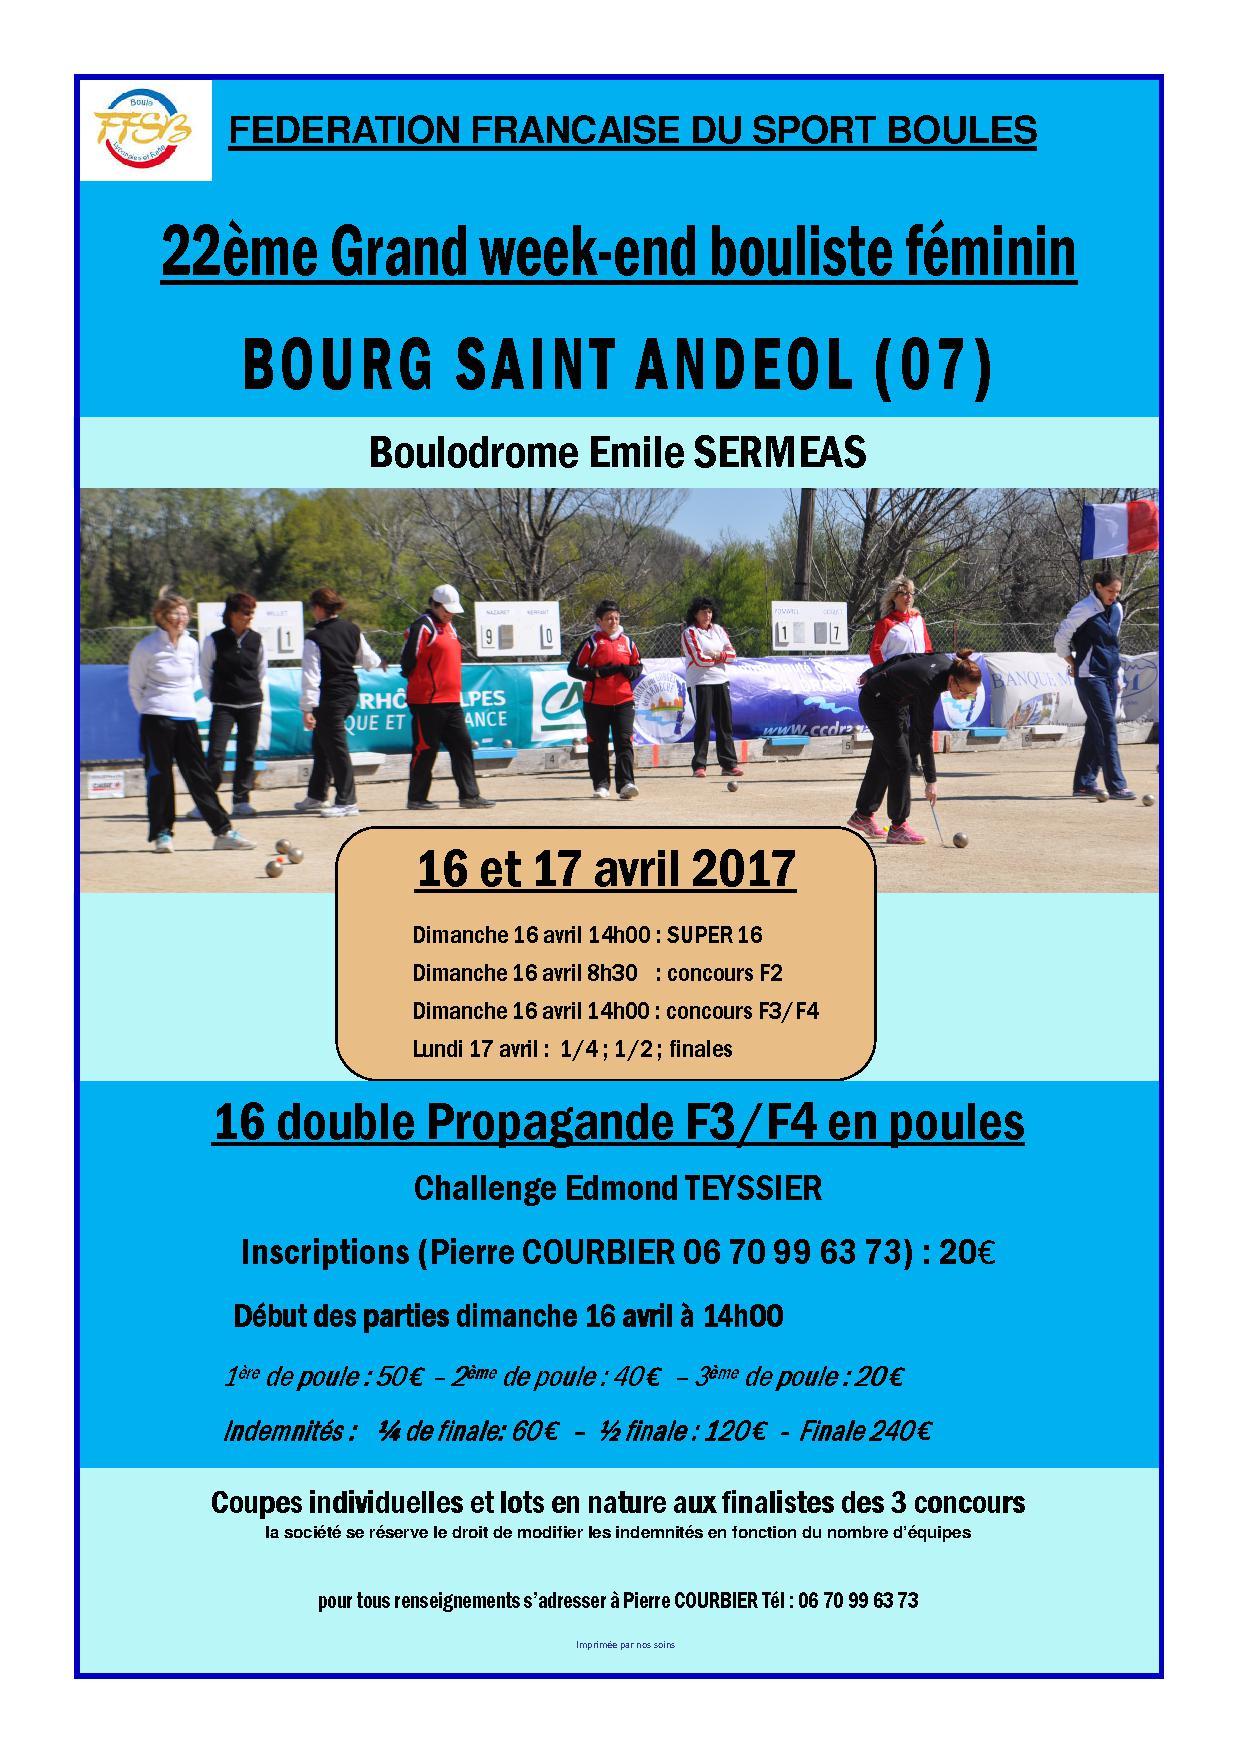 Allez les filles, toutes à Bourg Saint Andéol le 16 et le 17 avril